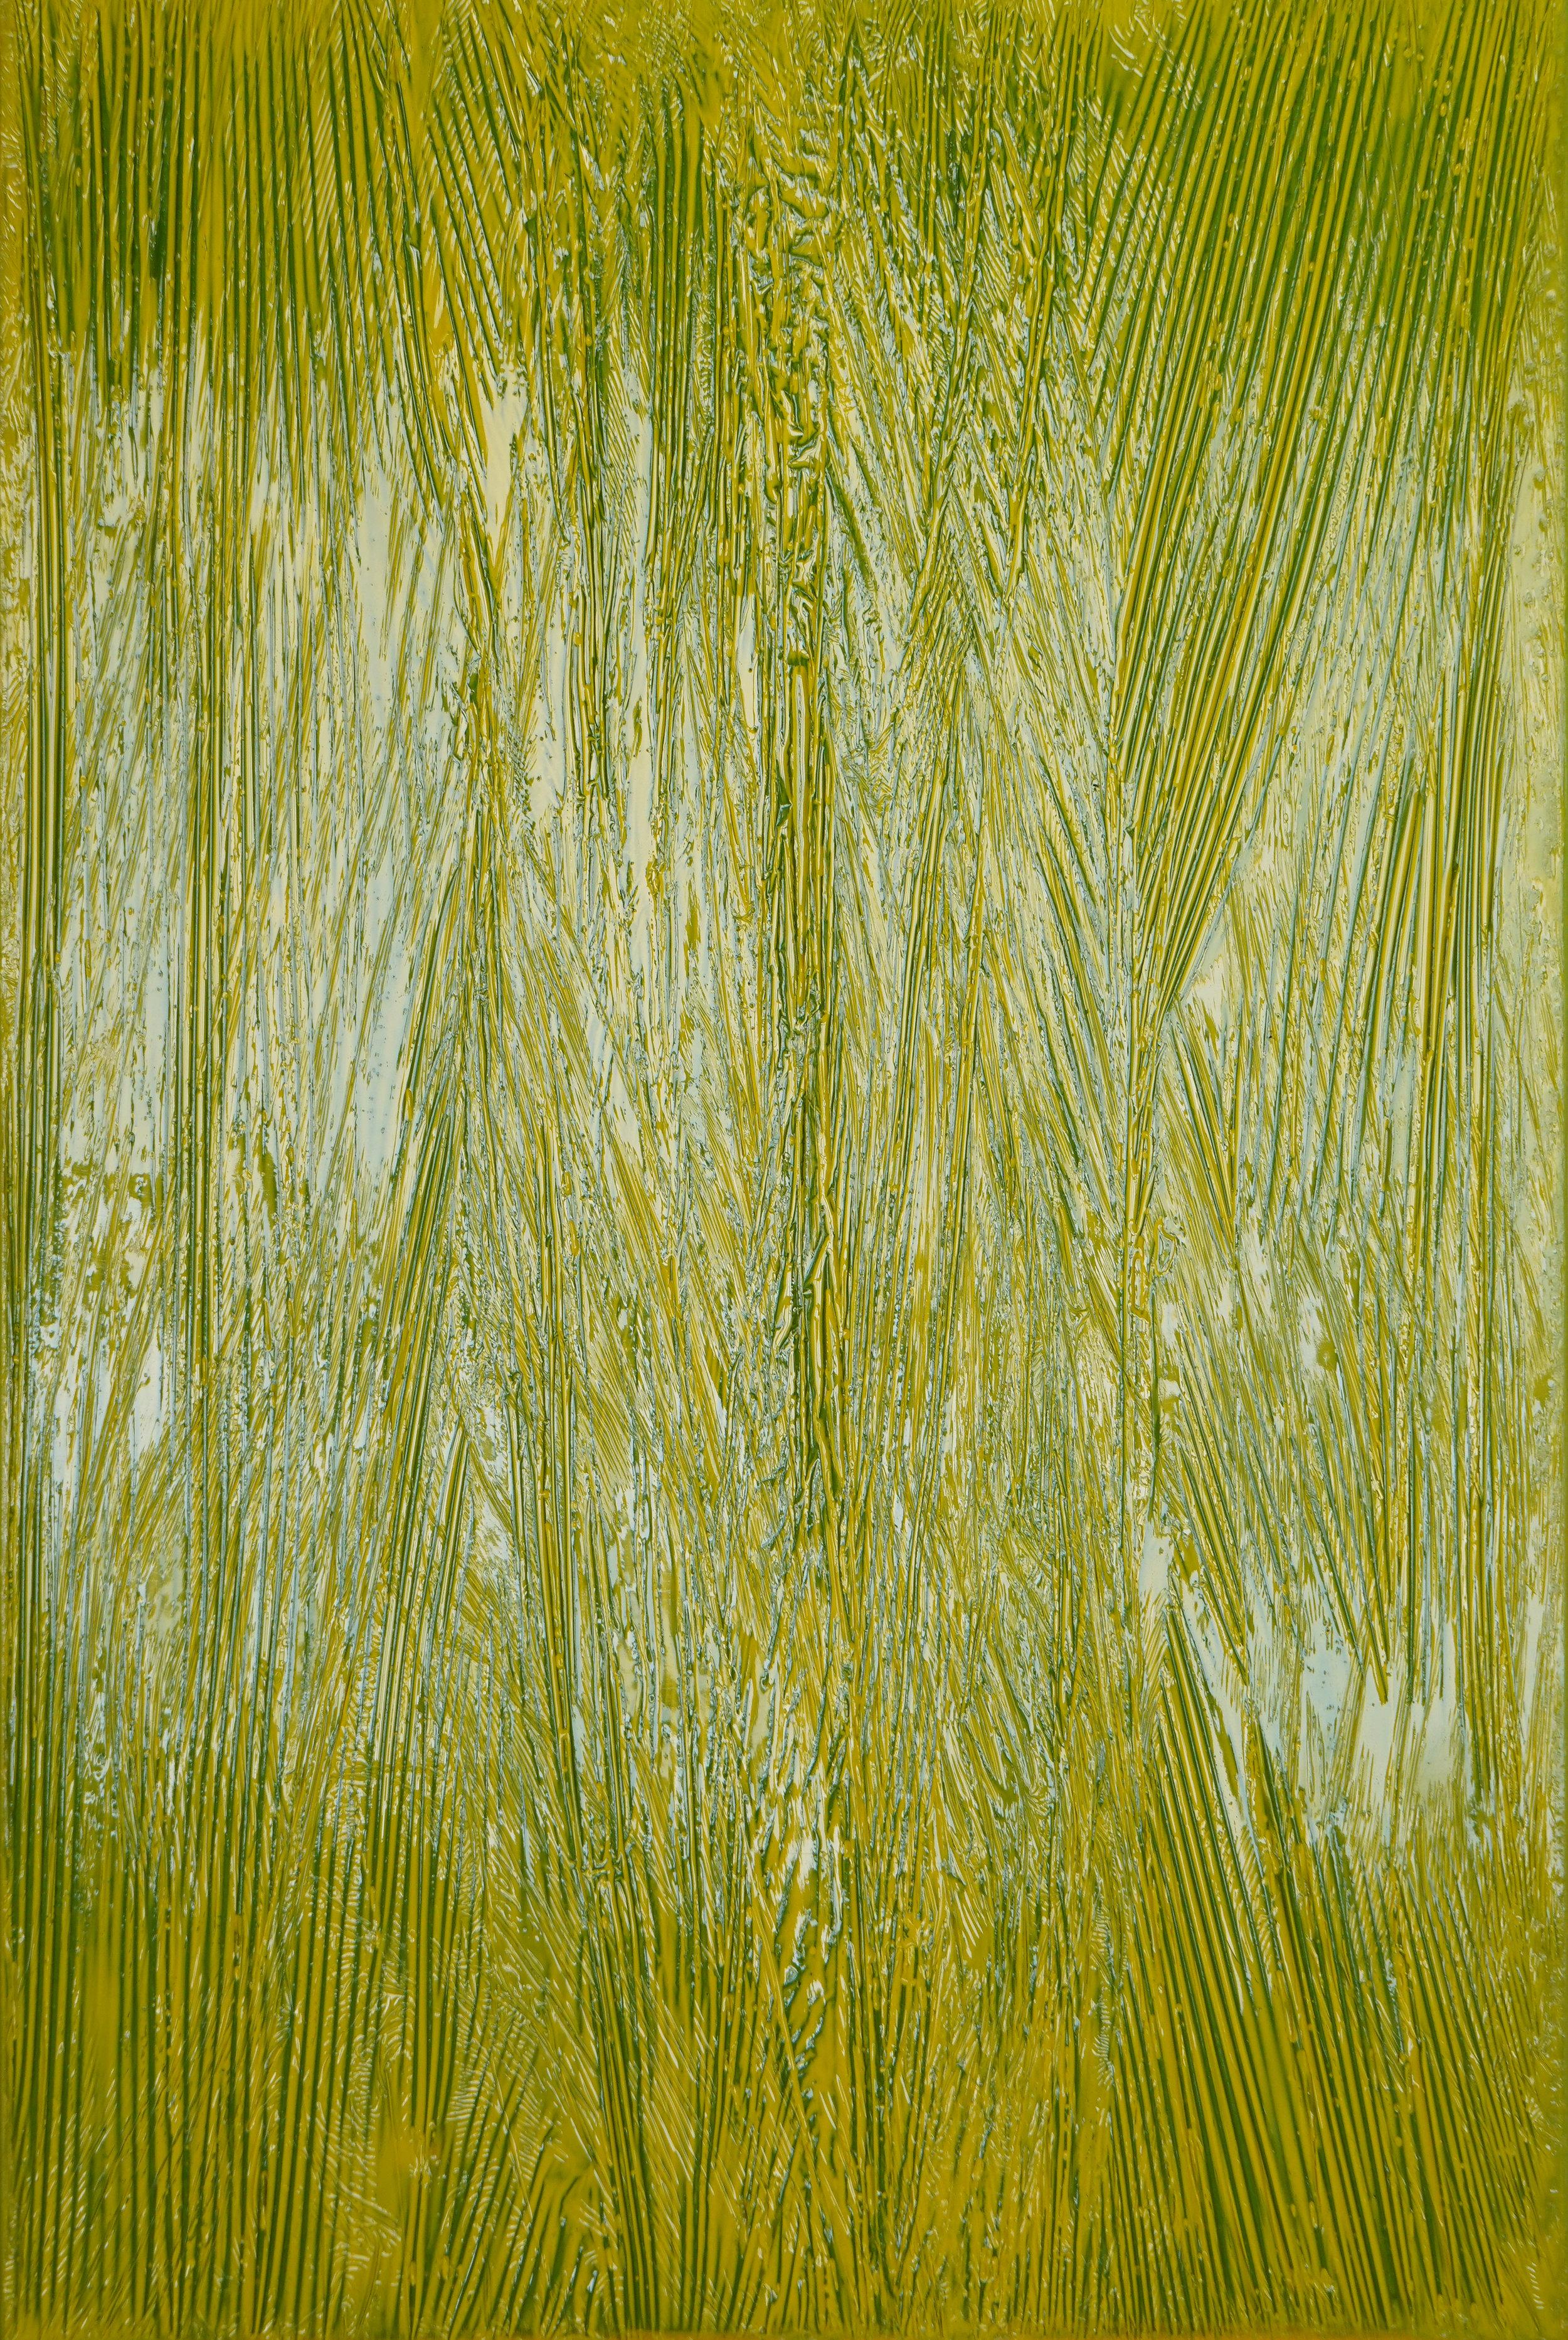 Синтетический пейзаж №1. 2019. Xолст, полимерная смола. 100х70см